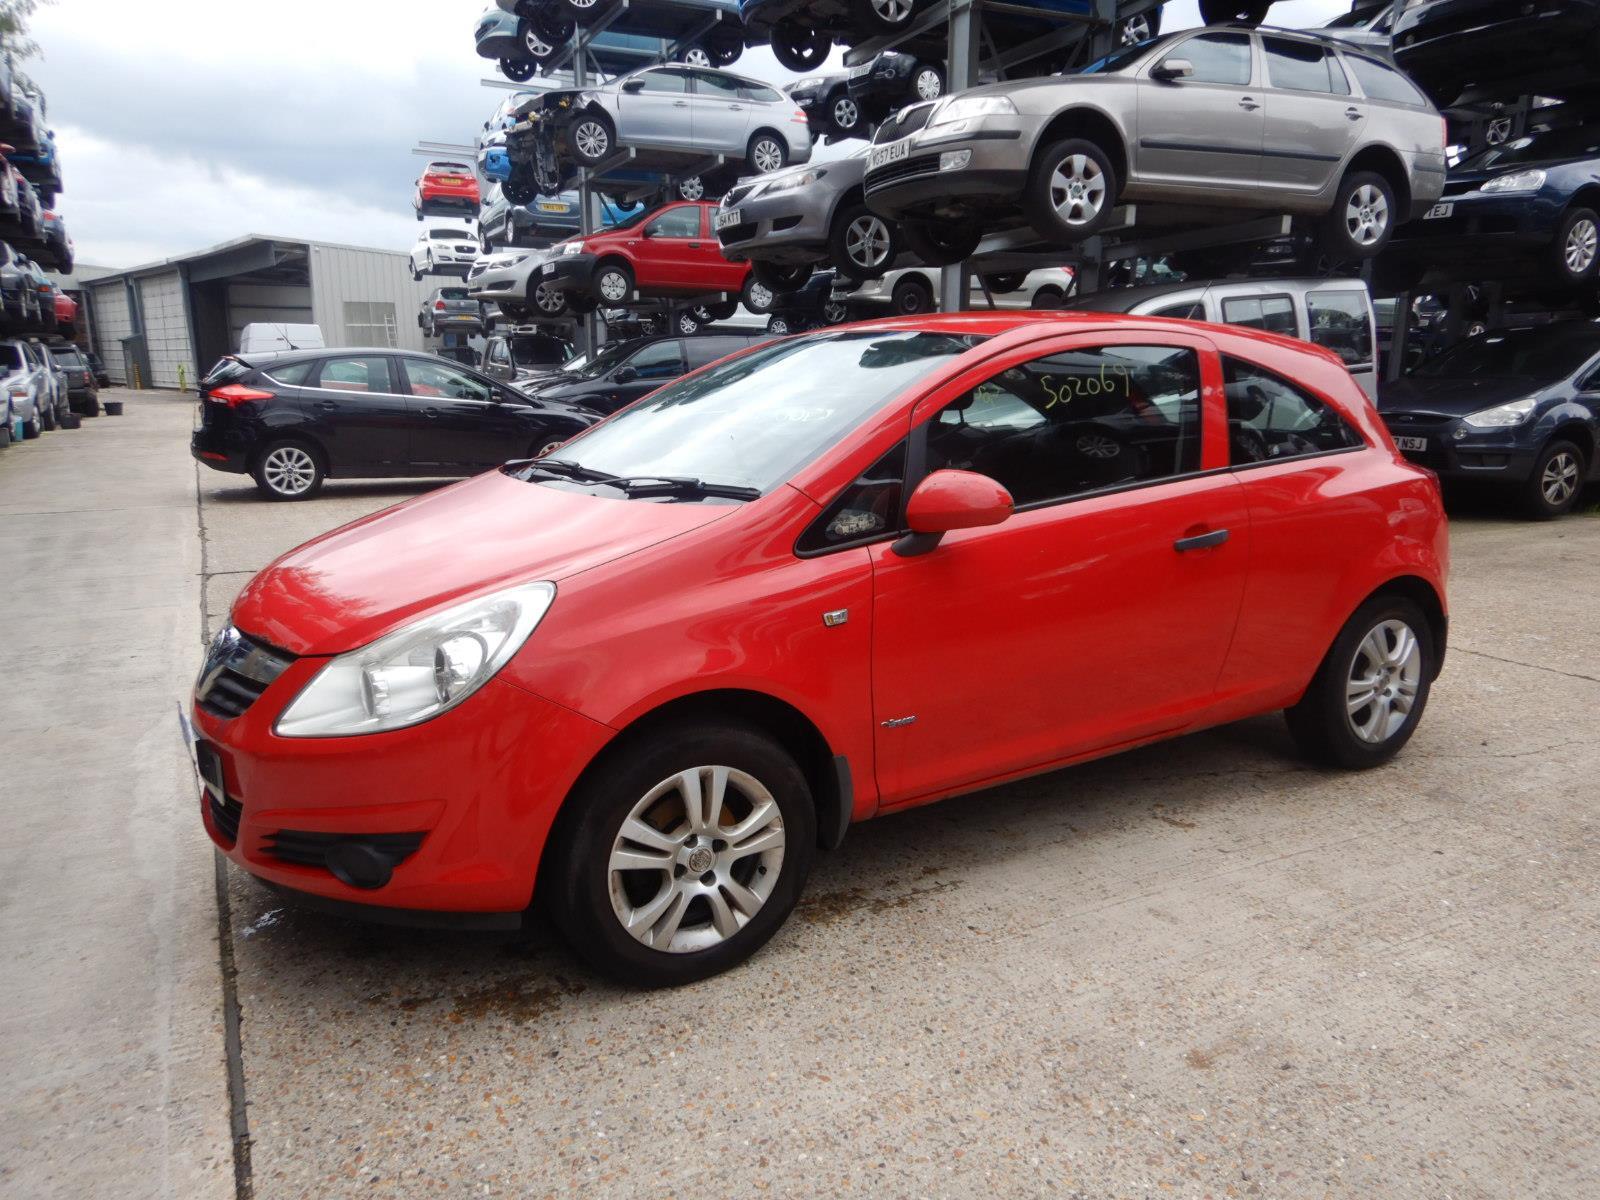 Vauxhall Corsa 2007 To 2011 Breeze 3 Door Hatchback